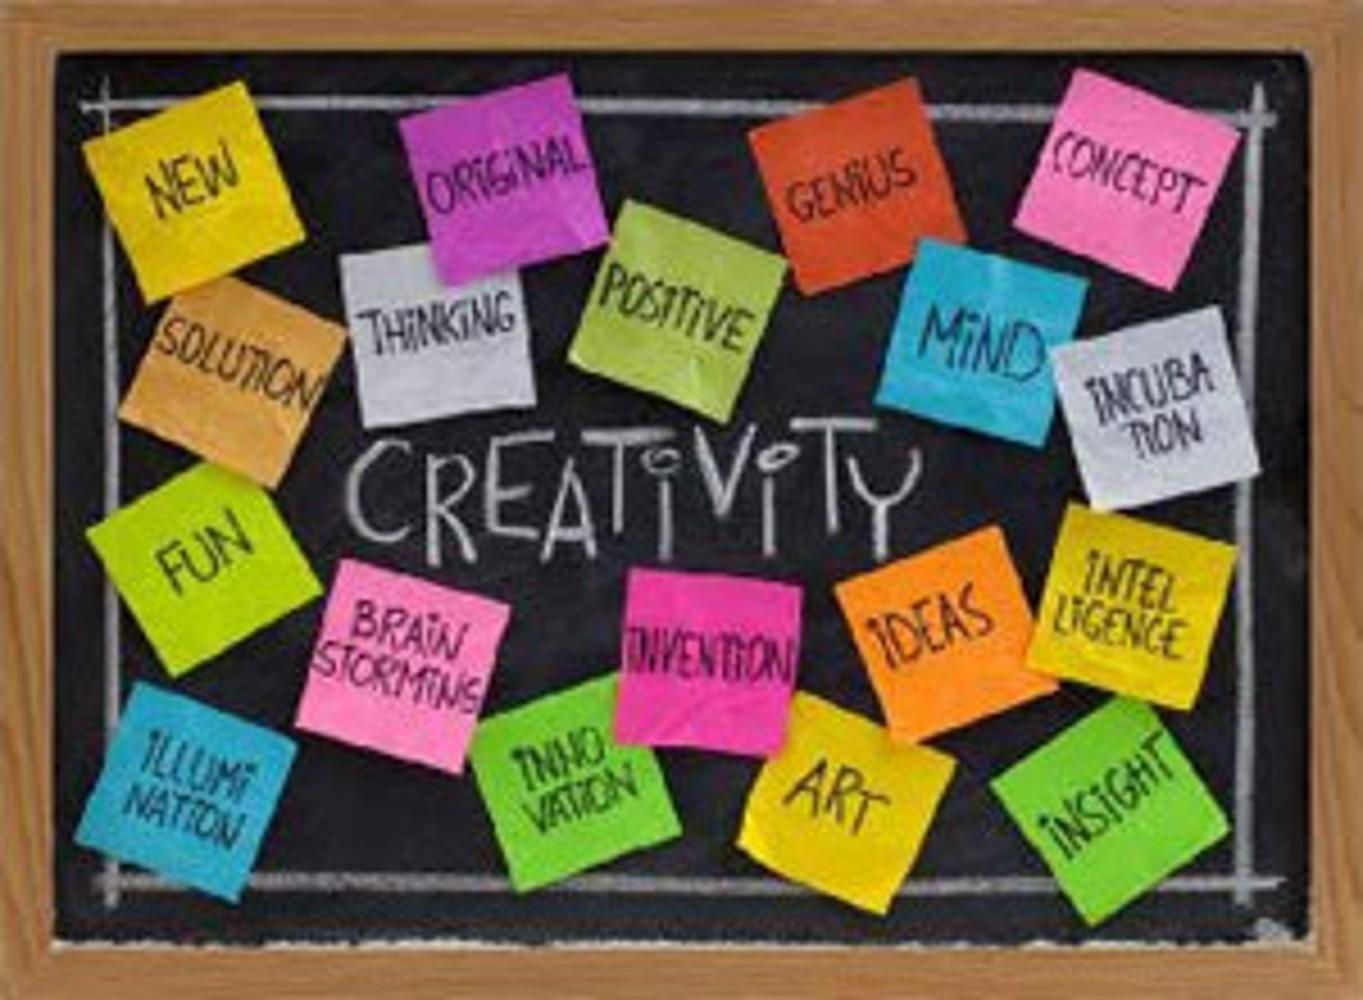 Ongekend Heb meer lef met creatieve werkvormen | YACHT HL-87